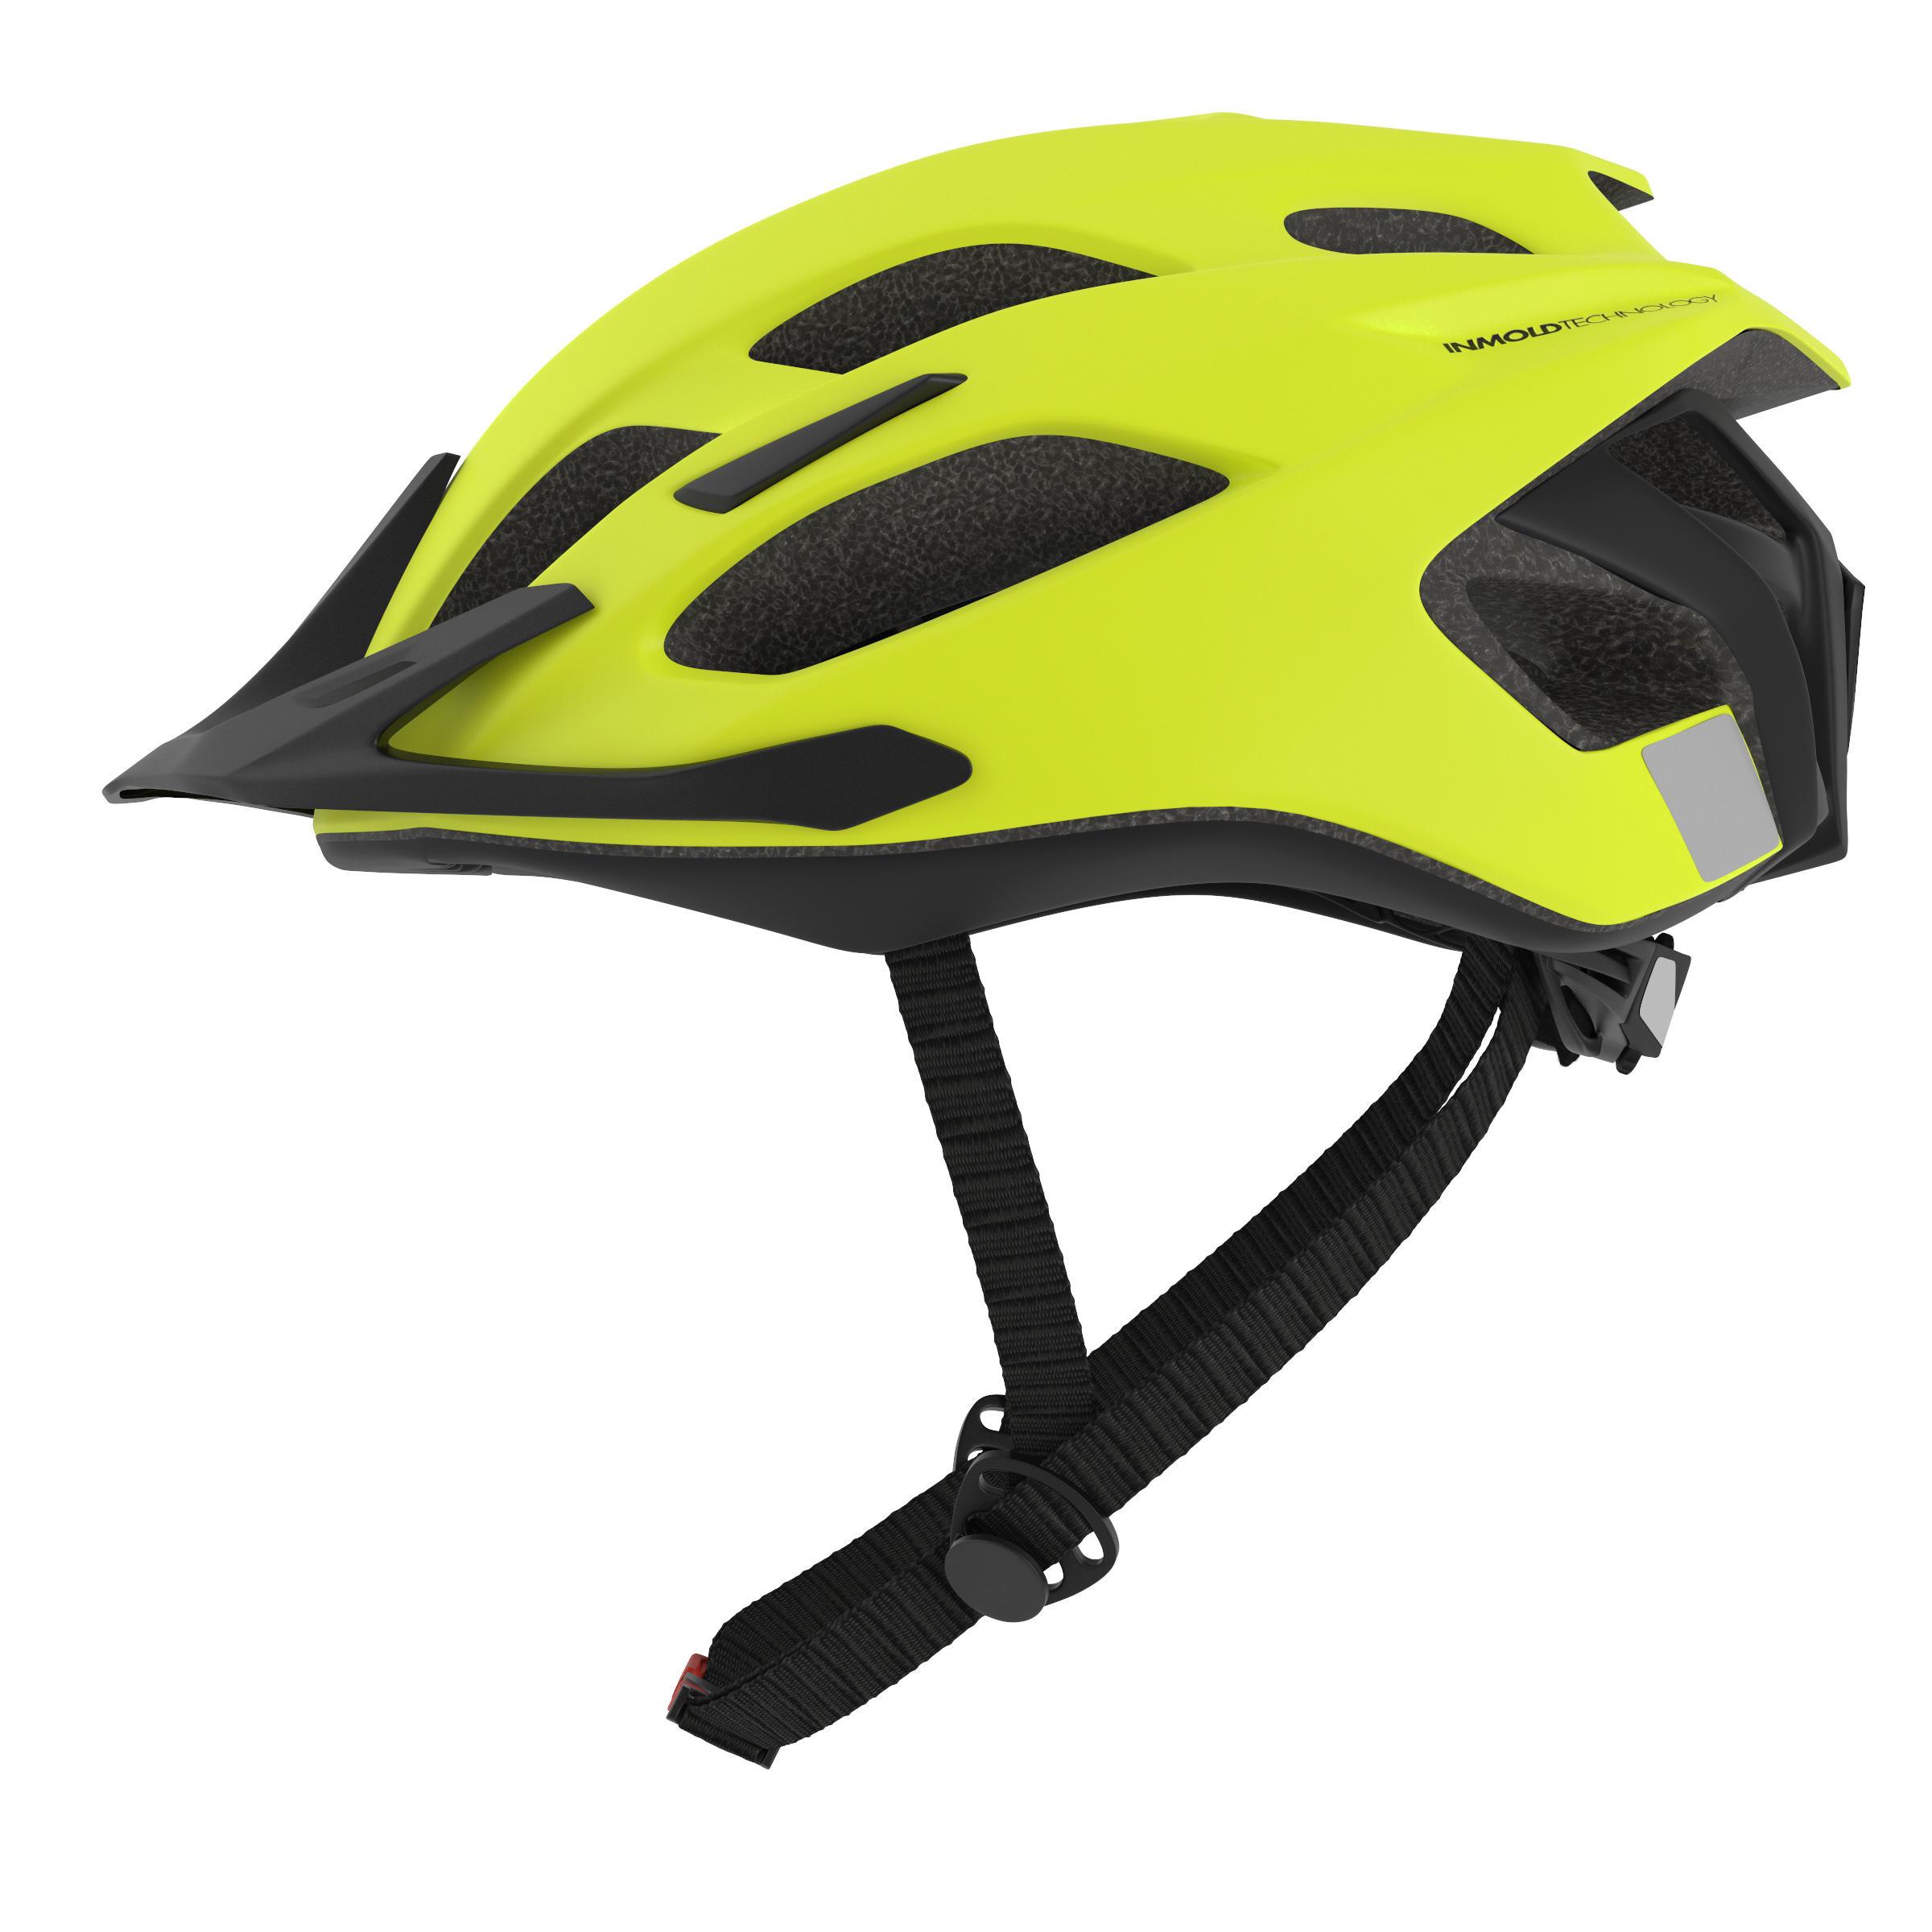 Mountain Biking Helmet 500 - Neon Yellow - L By ROCKRIDER | Decathlon